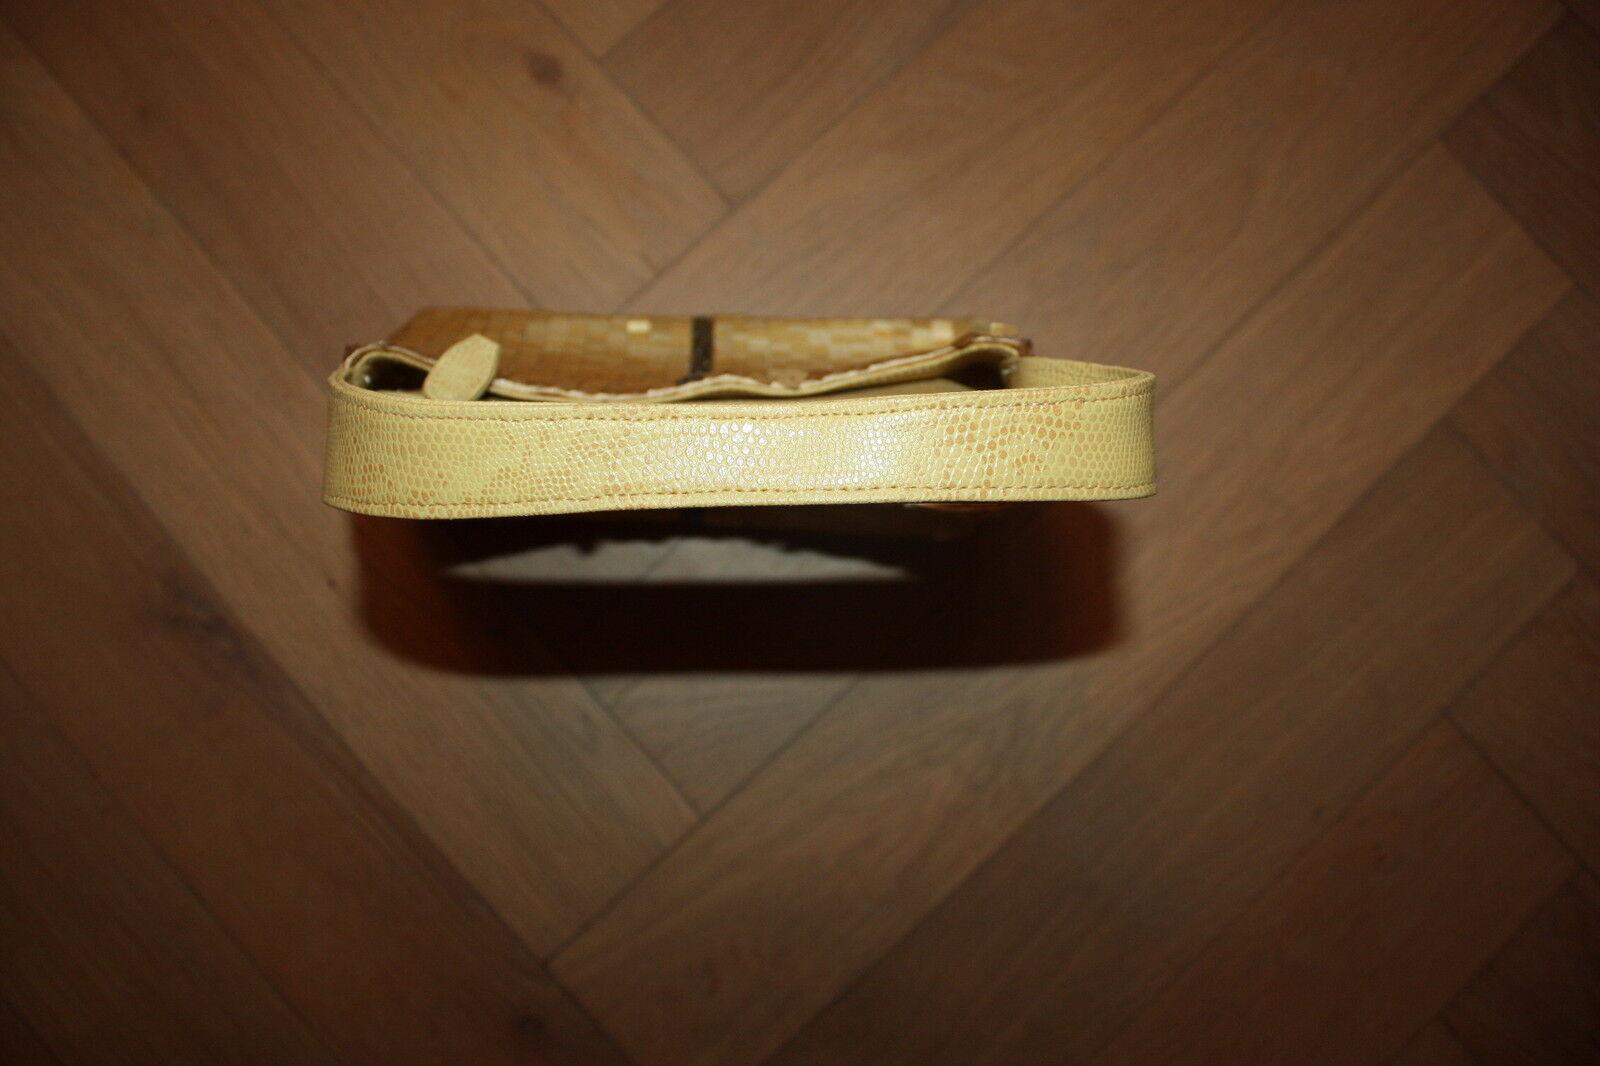 Abendtasche Gold Pailletten Gold so schön schön schön selten | Fierce Kaufen  | Kostengünstig  | Reichlich Und Pünktliche Lieferung  40b4be